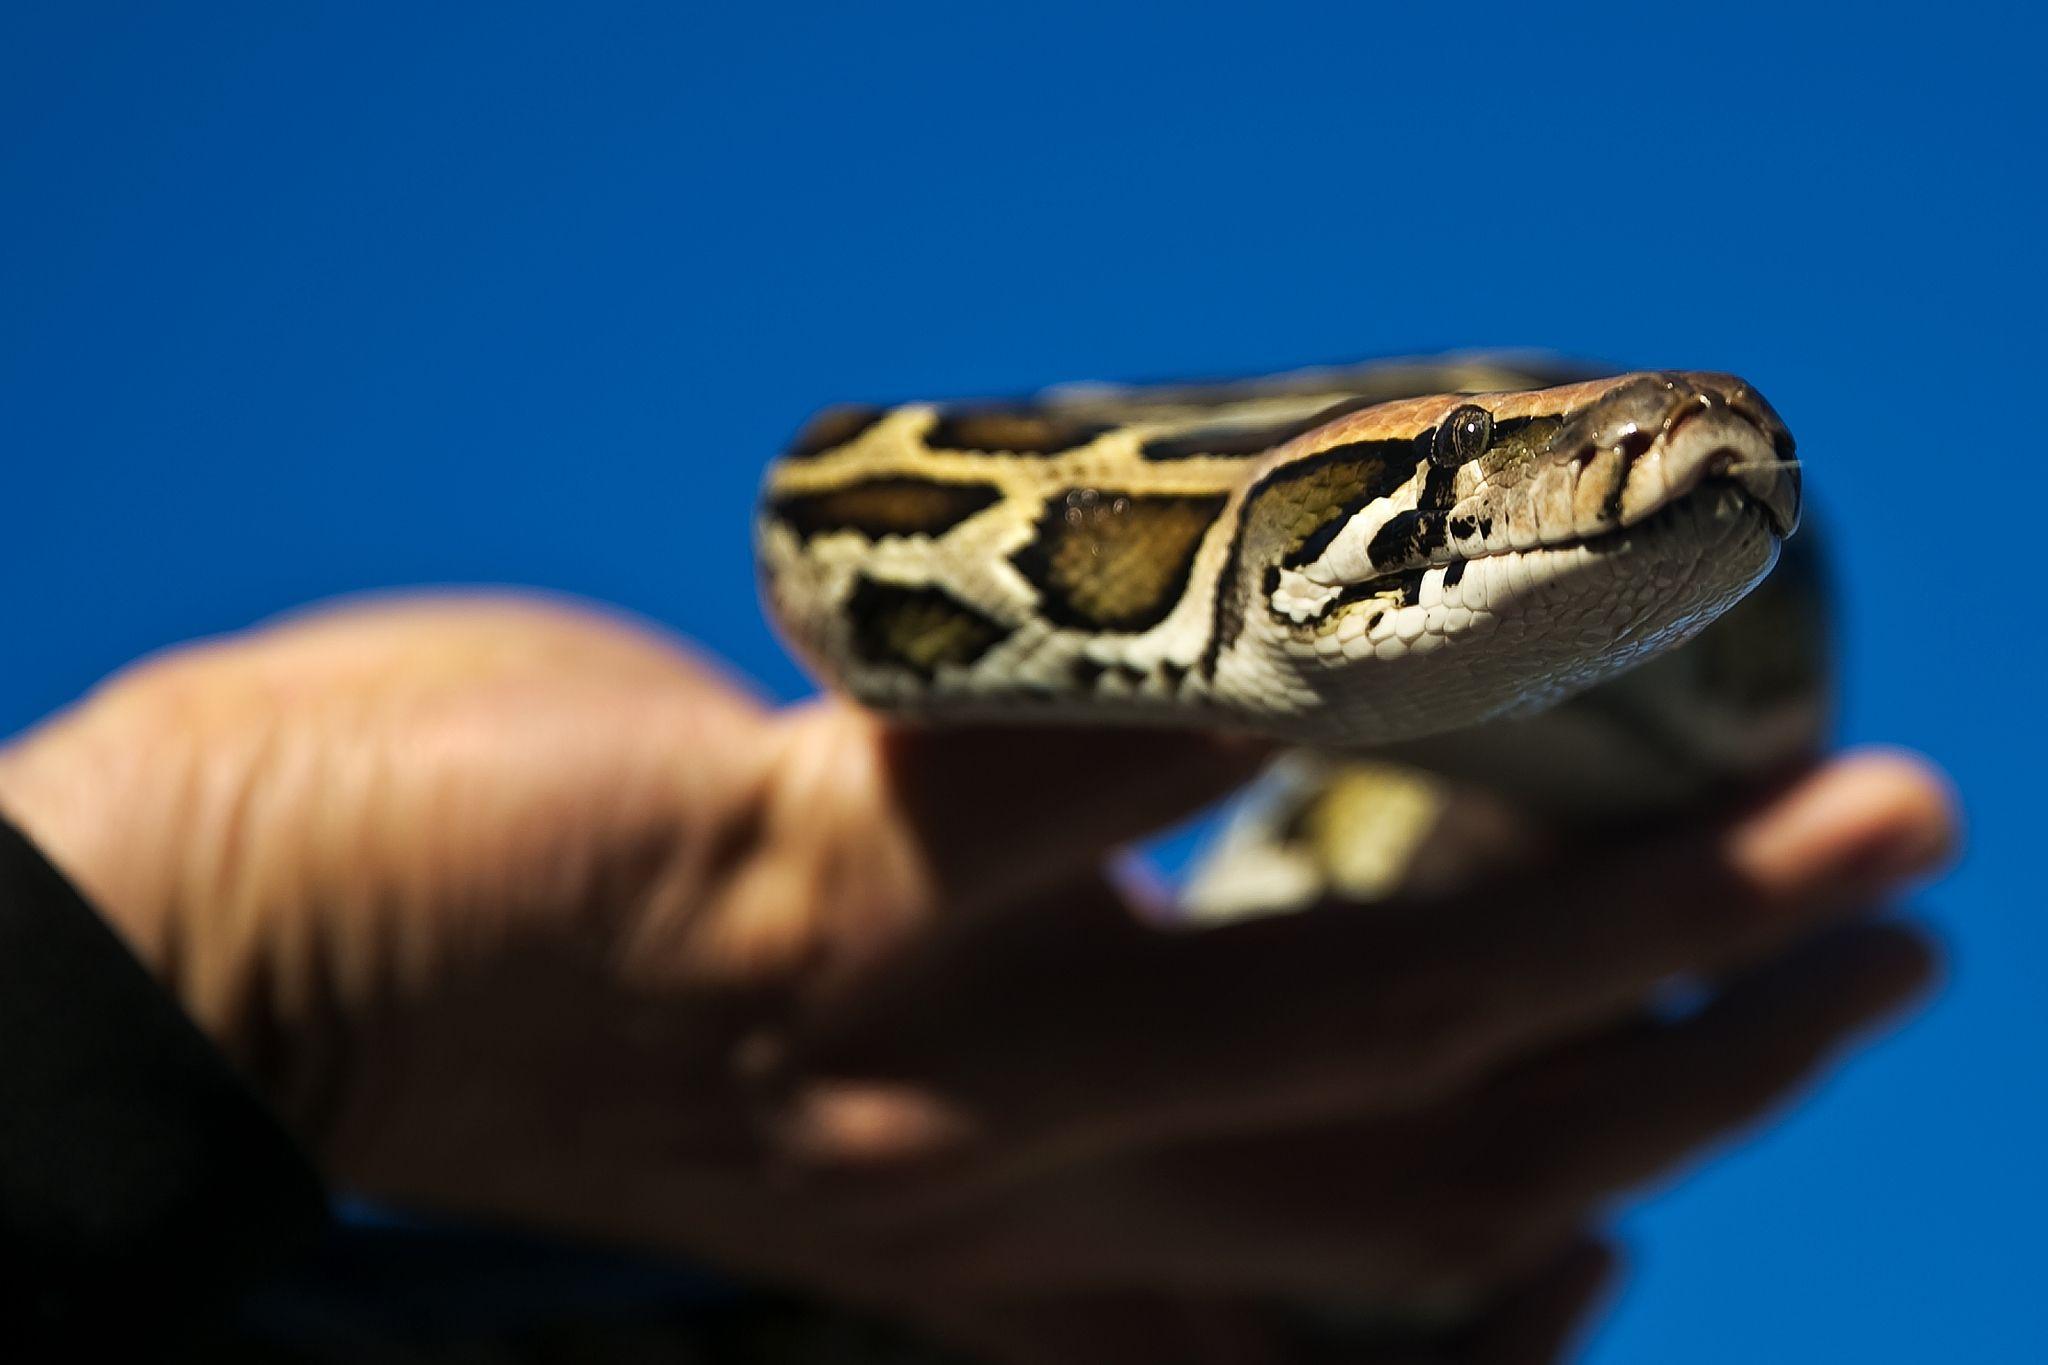 1458754553-snake-open.jpg